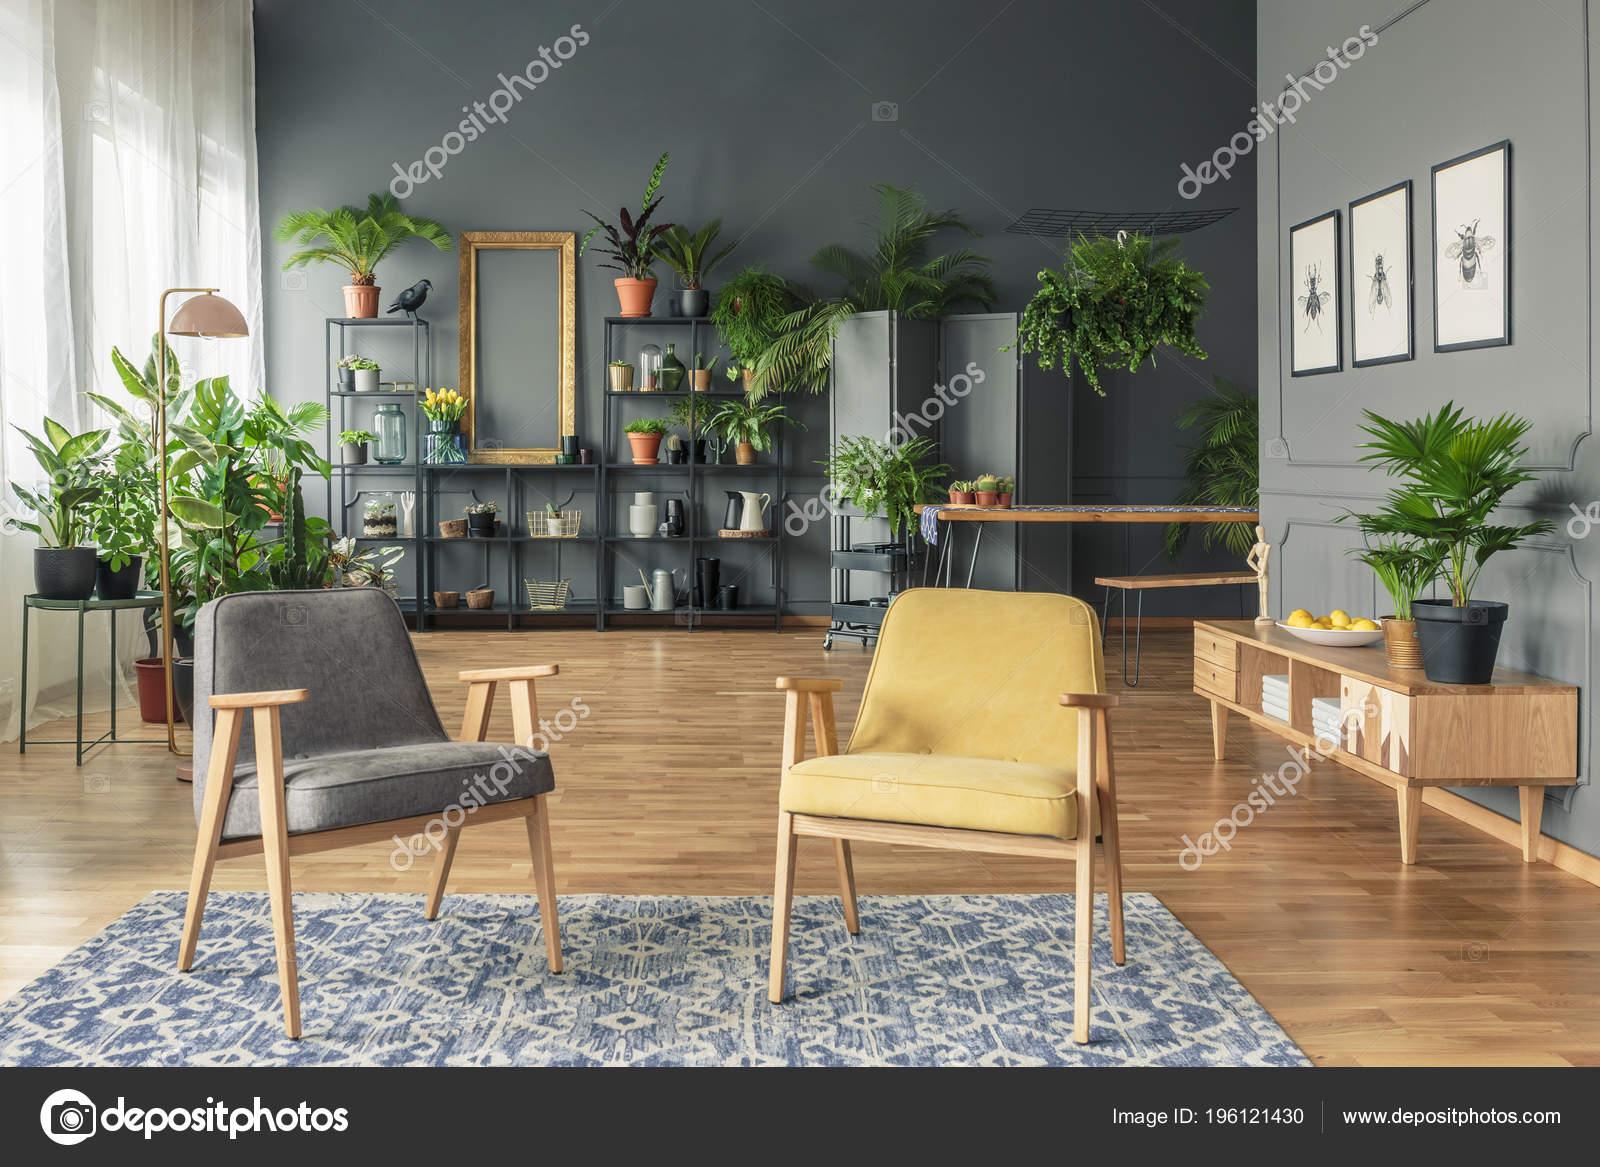 Woonkamer Houten Meubels : Botanic woonkamer interieur met donkere muren houten meubelen